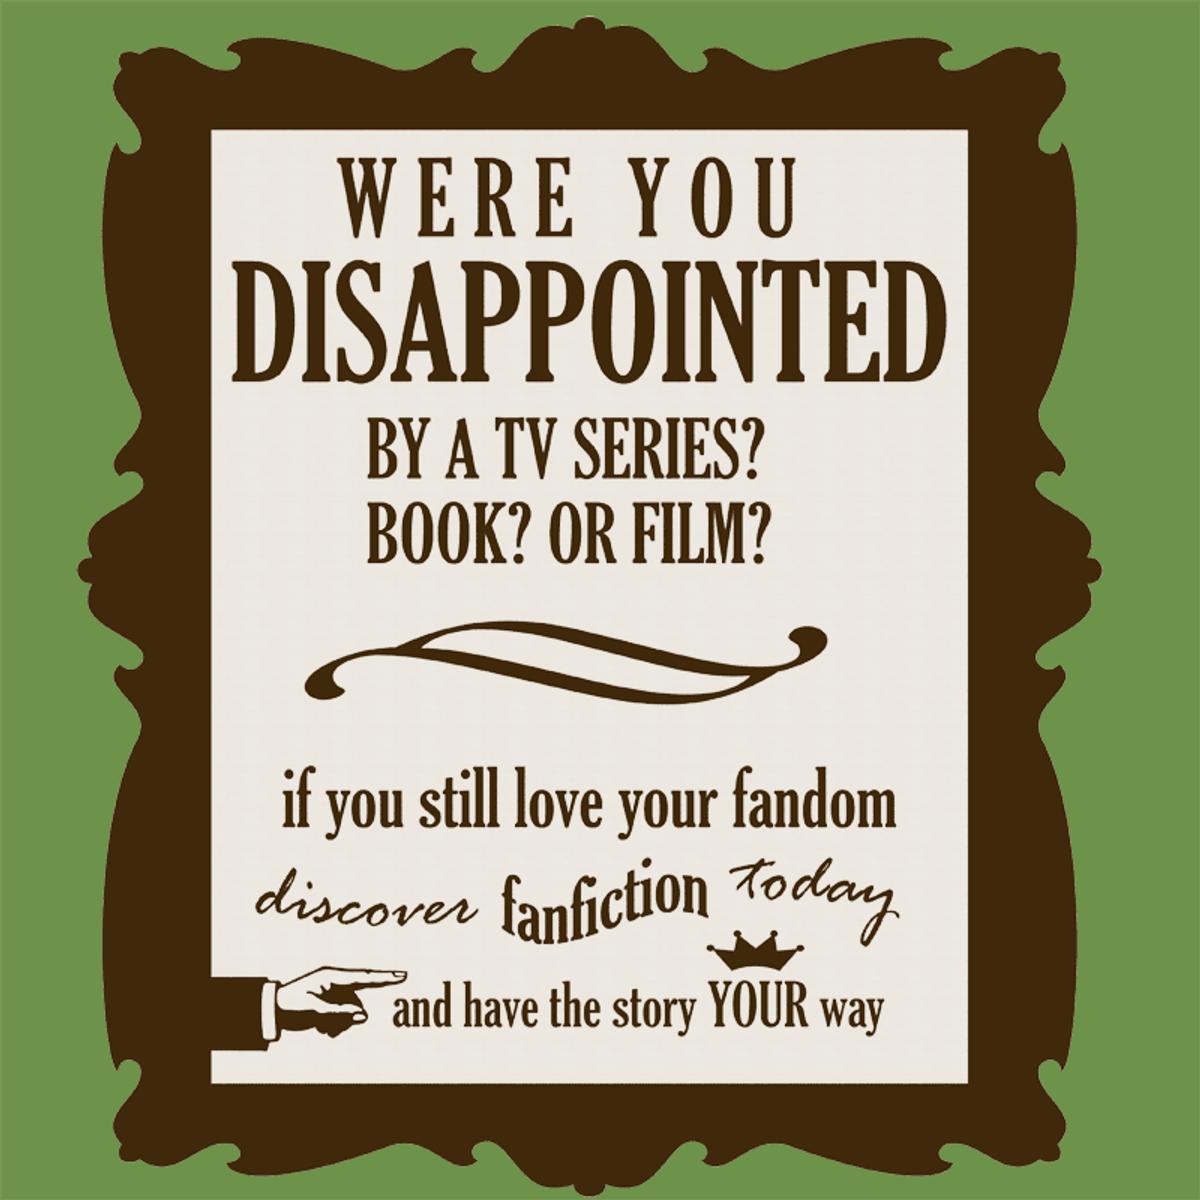 Fanfiction- Stories That Speak to a Fan's Heart